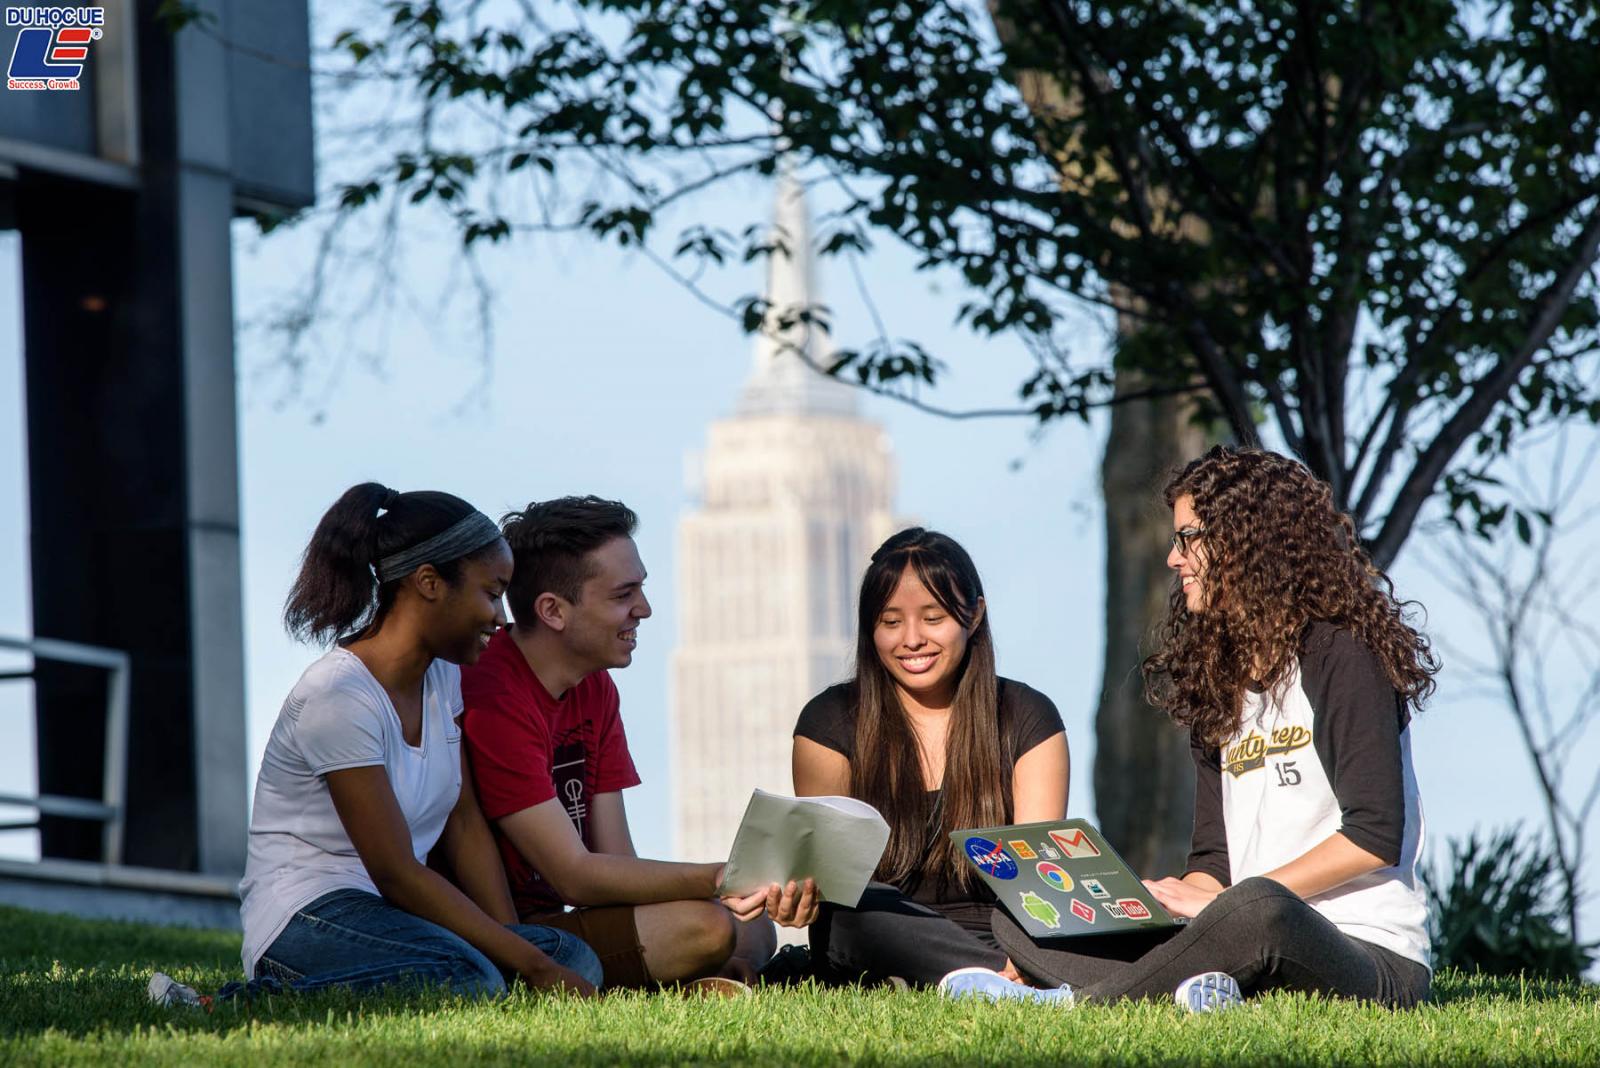 Thực hiện ước mơ du học với suất học bổng lên đến 100% học phí tại Stevens Institute Of Technology 3